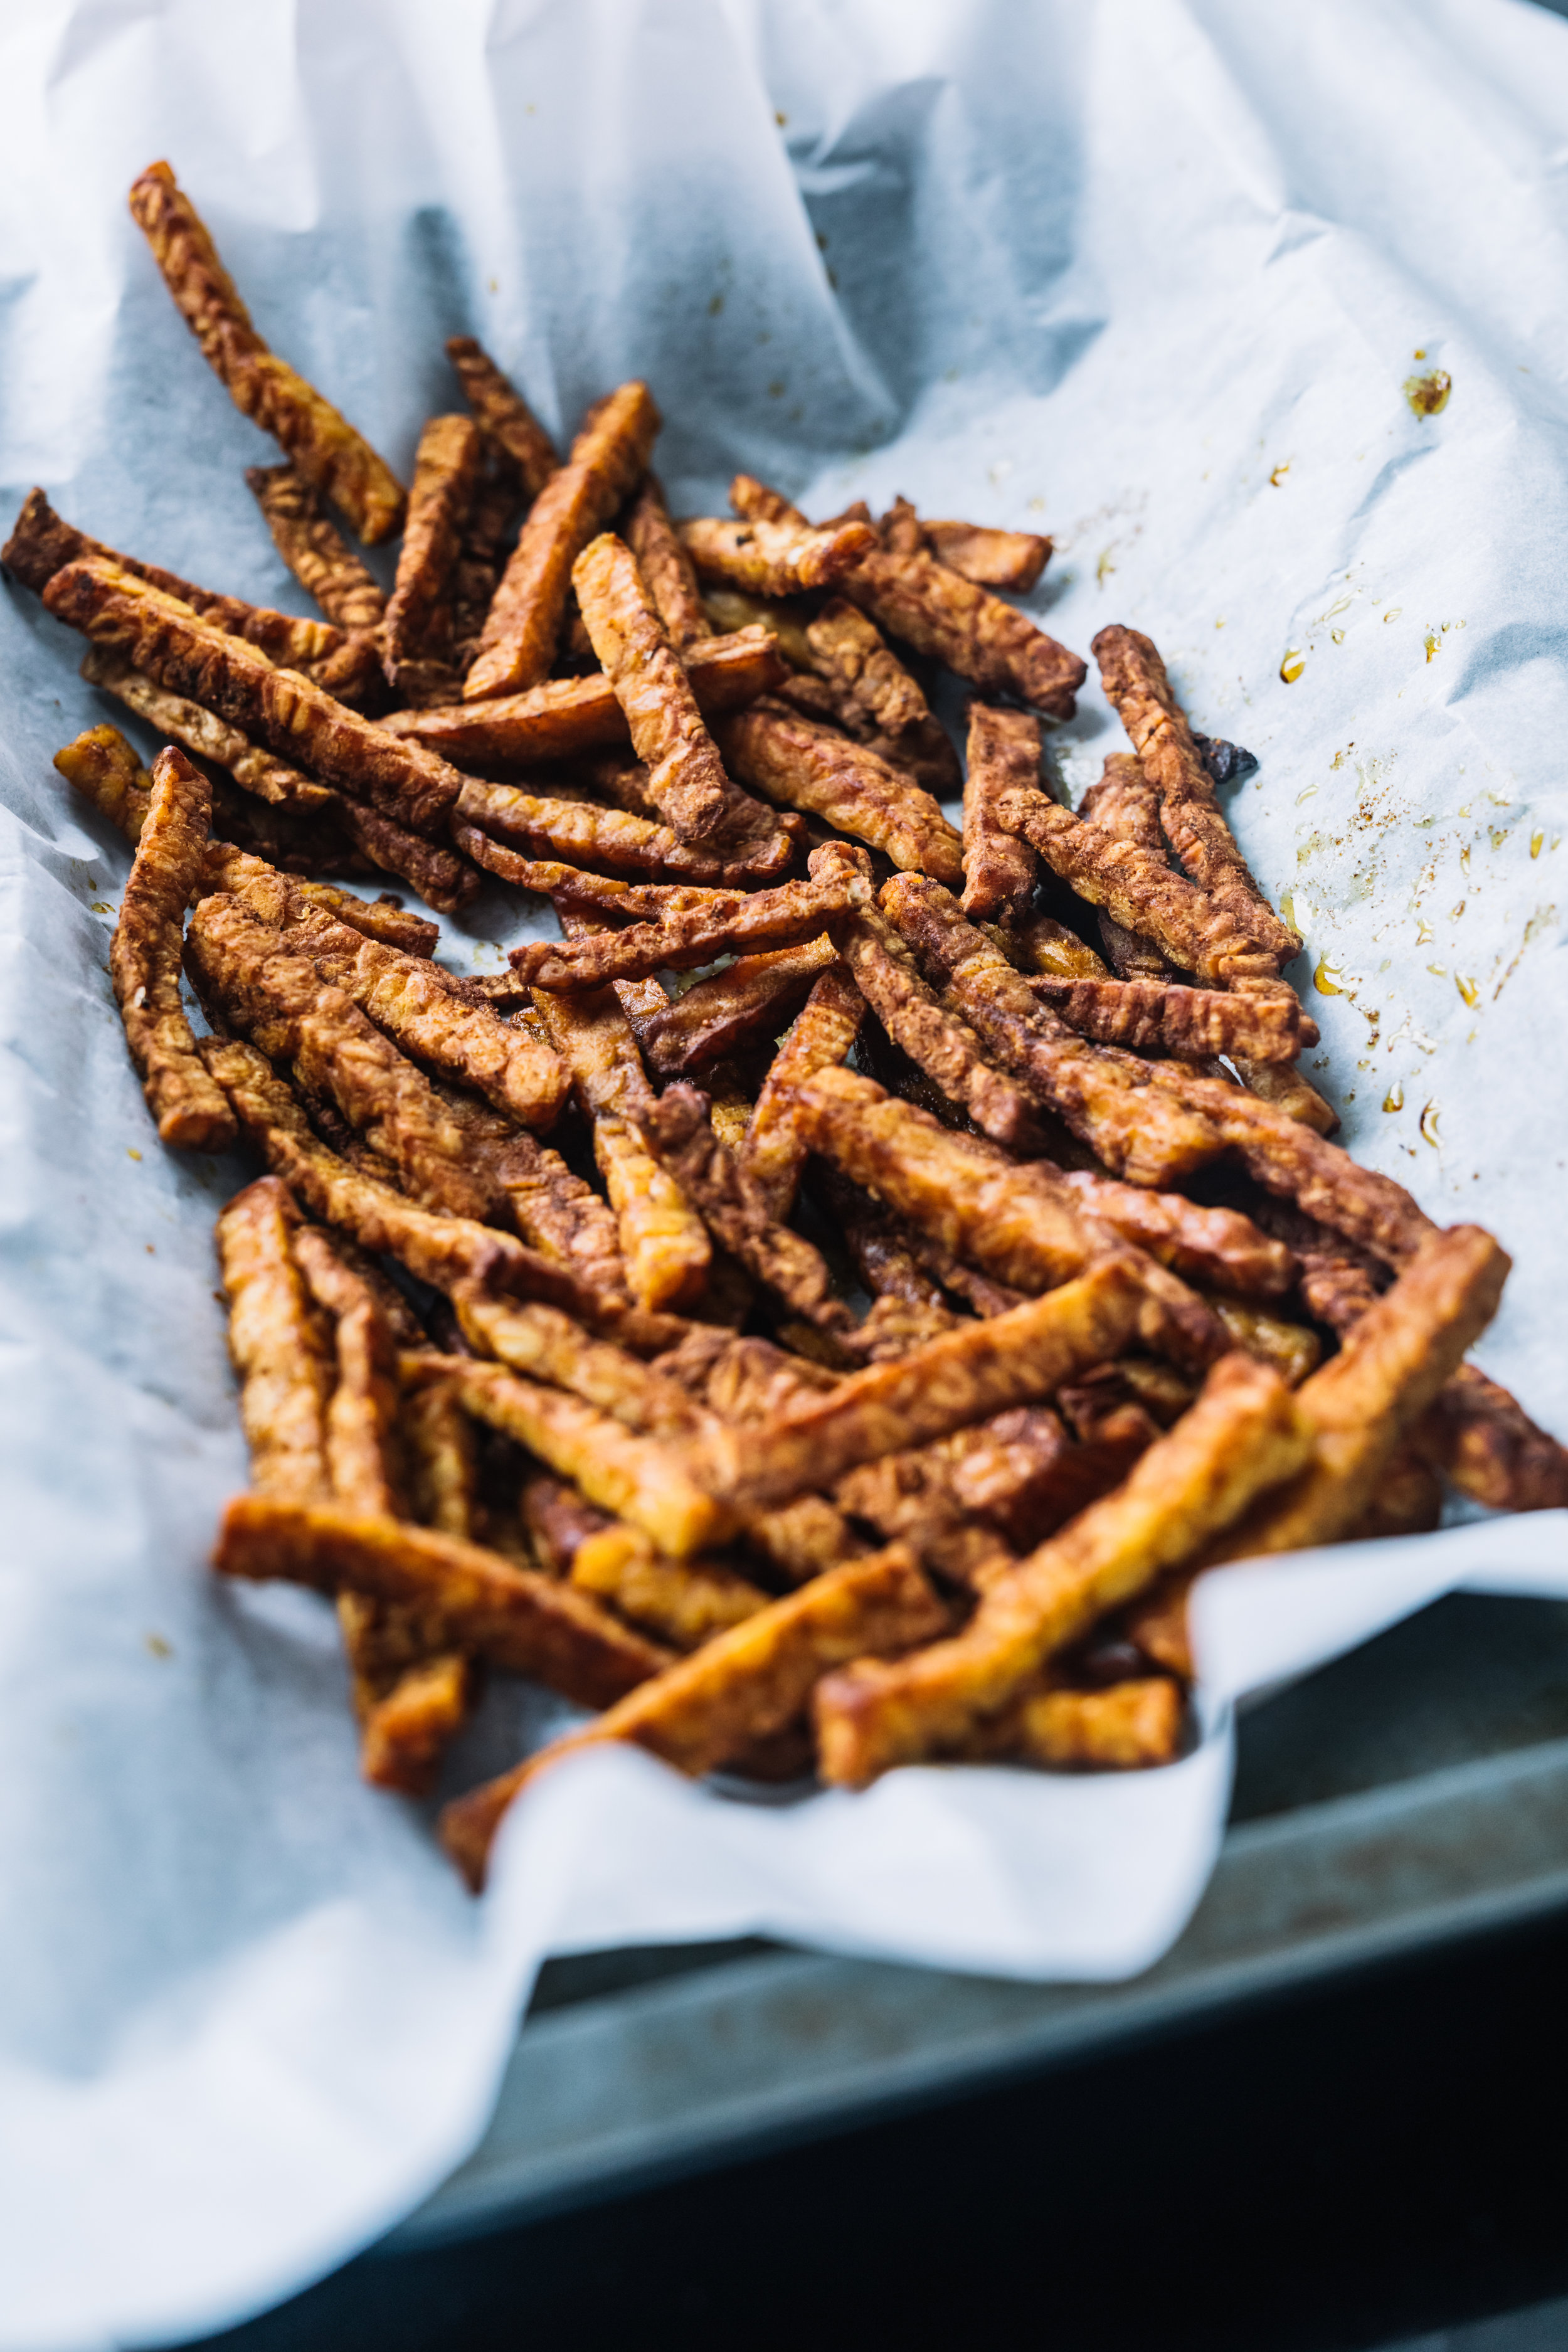 Tempeh Friet - 1 pakje tempeh (250gram)1 EL gerookte paprika poeder (kan ook met gewone)1/2 Theelepel komijn kruiden1/2 Theelepel Kurkumma kruiden1 Theelepen Kerry kruidenZoutPeperZonnebloemolieBakpapierBakplaatZet de oven op 200gradenSnij de tempeh nu in frietjesDoe deze in een kom en voeg de paprika poeder, zout & peper toe. Pan op het vuur met een laagje zonnebloemolie, Bak de tempeh zo'n 5 minuutjes en blijf ze goed door husselen. Leg ze hierna op een bakplaat (met bakpaper) in de oven en geef de tempeh nog 6-8 minuten.